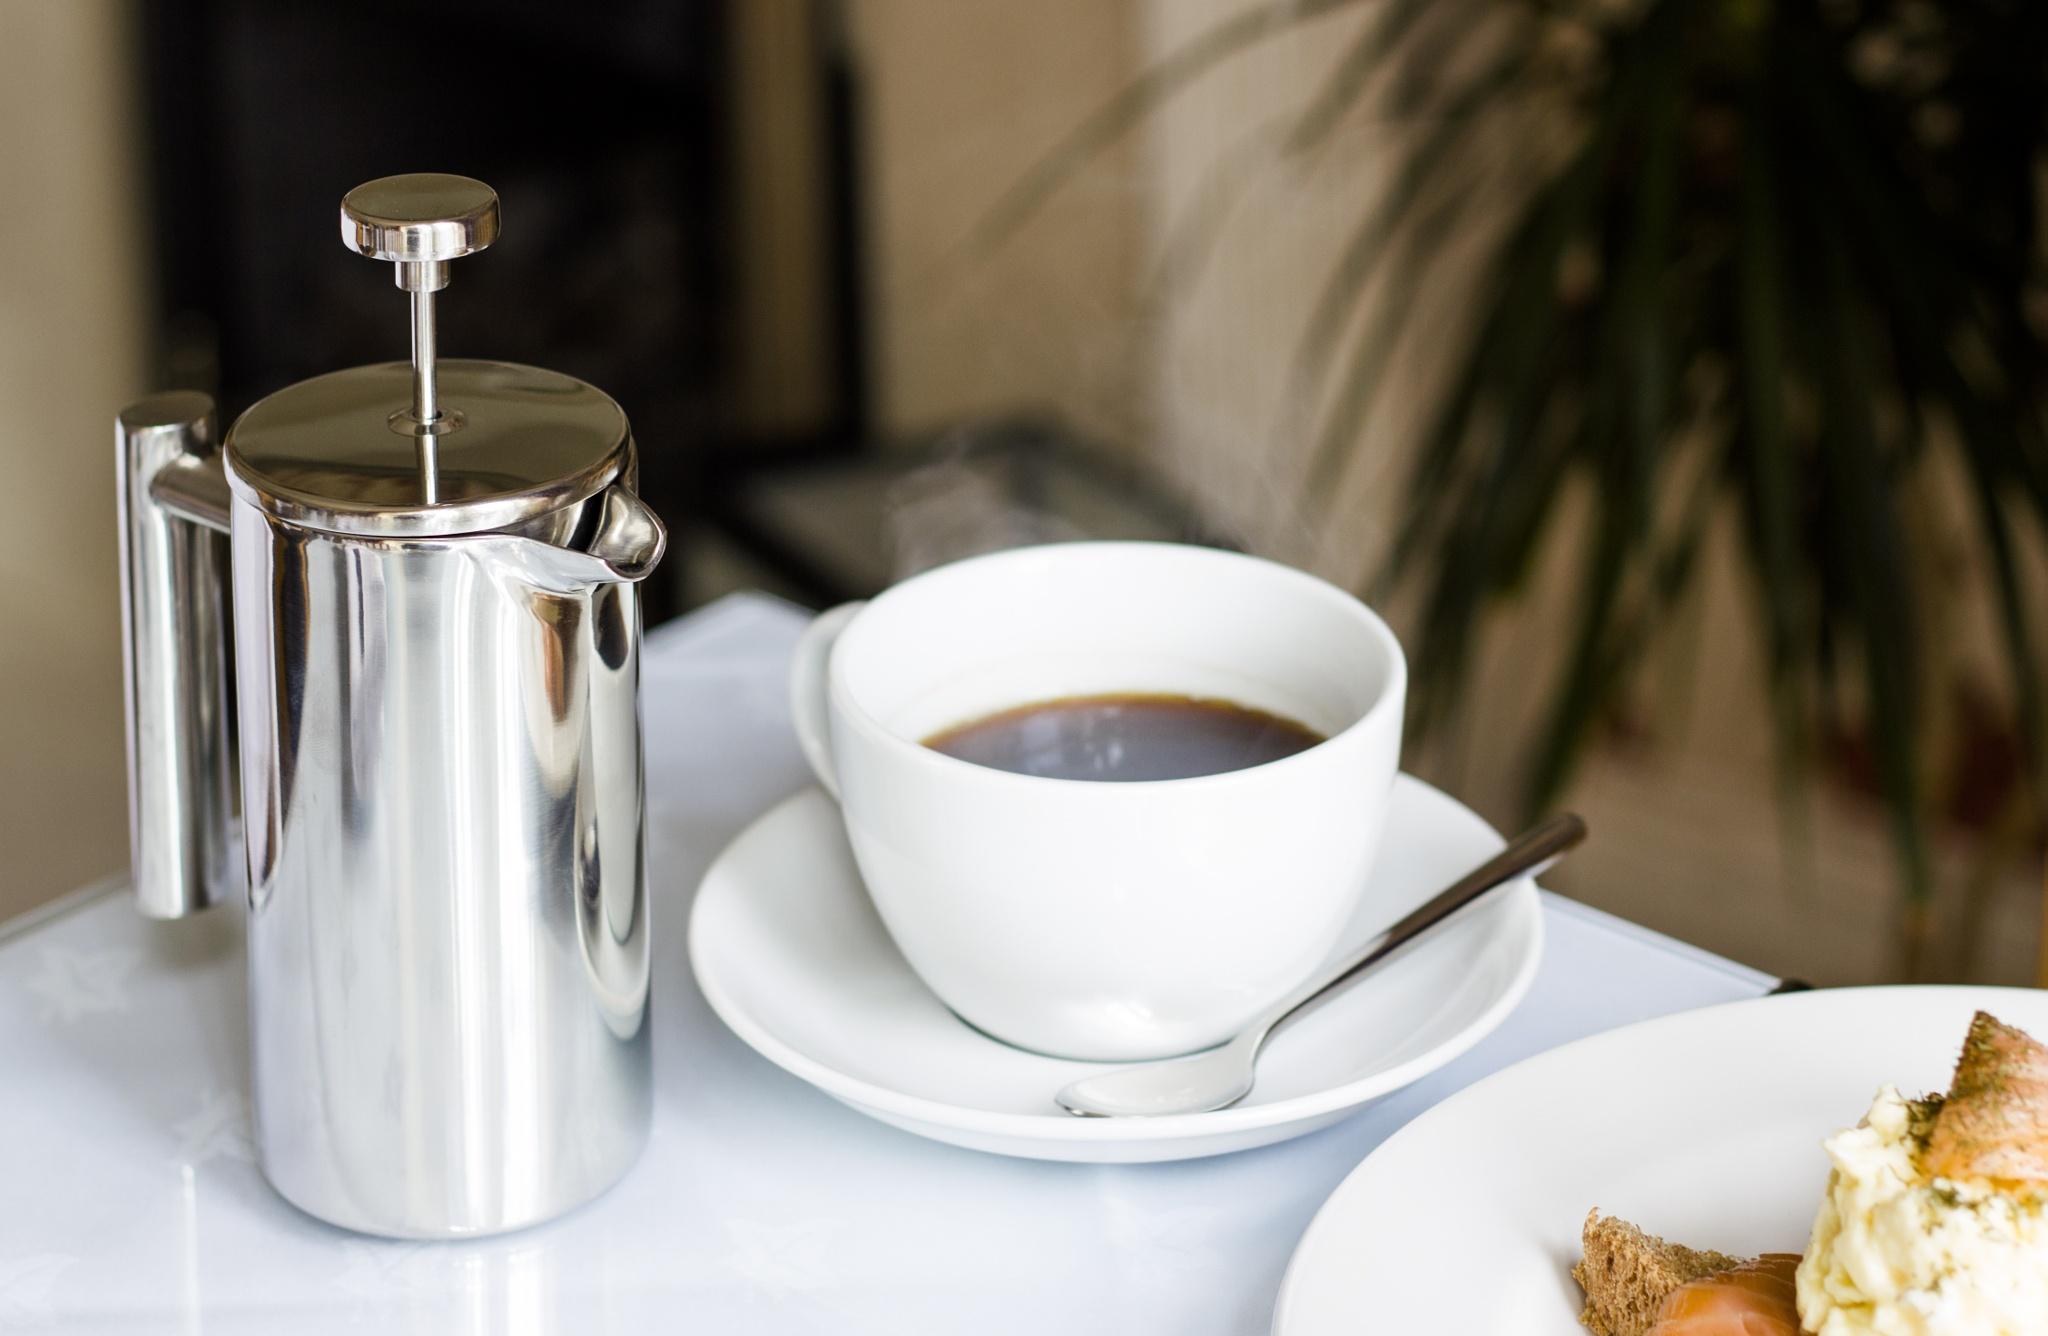 Do you wanna coffee?  by Kate Dolejsiova